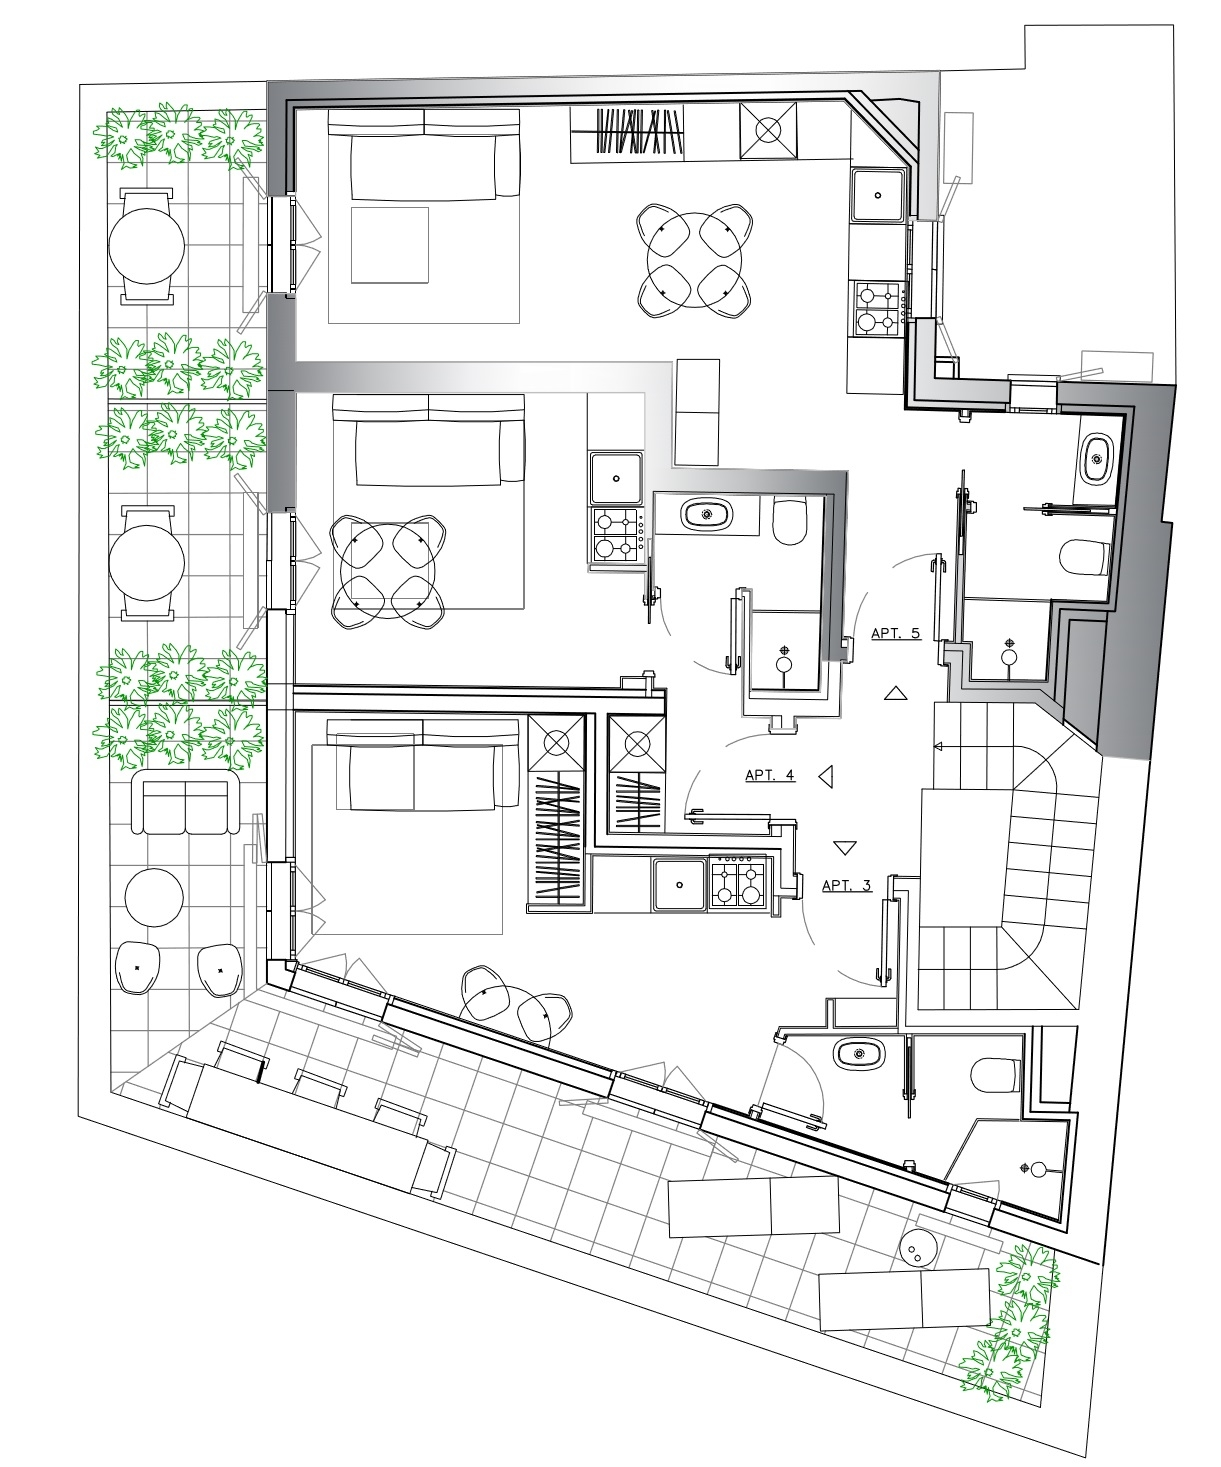 Spacieux studio en penthouse! Livré neuf en 2019 - Bureaux à vendre à Monaco